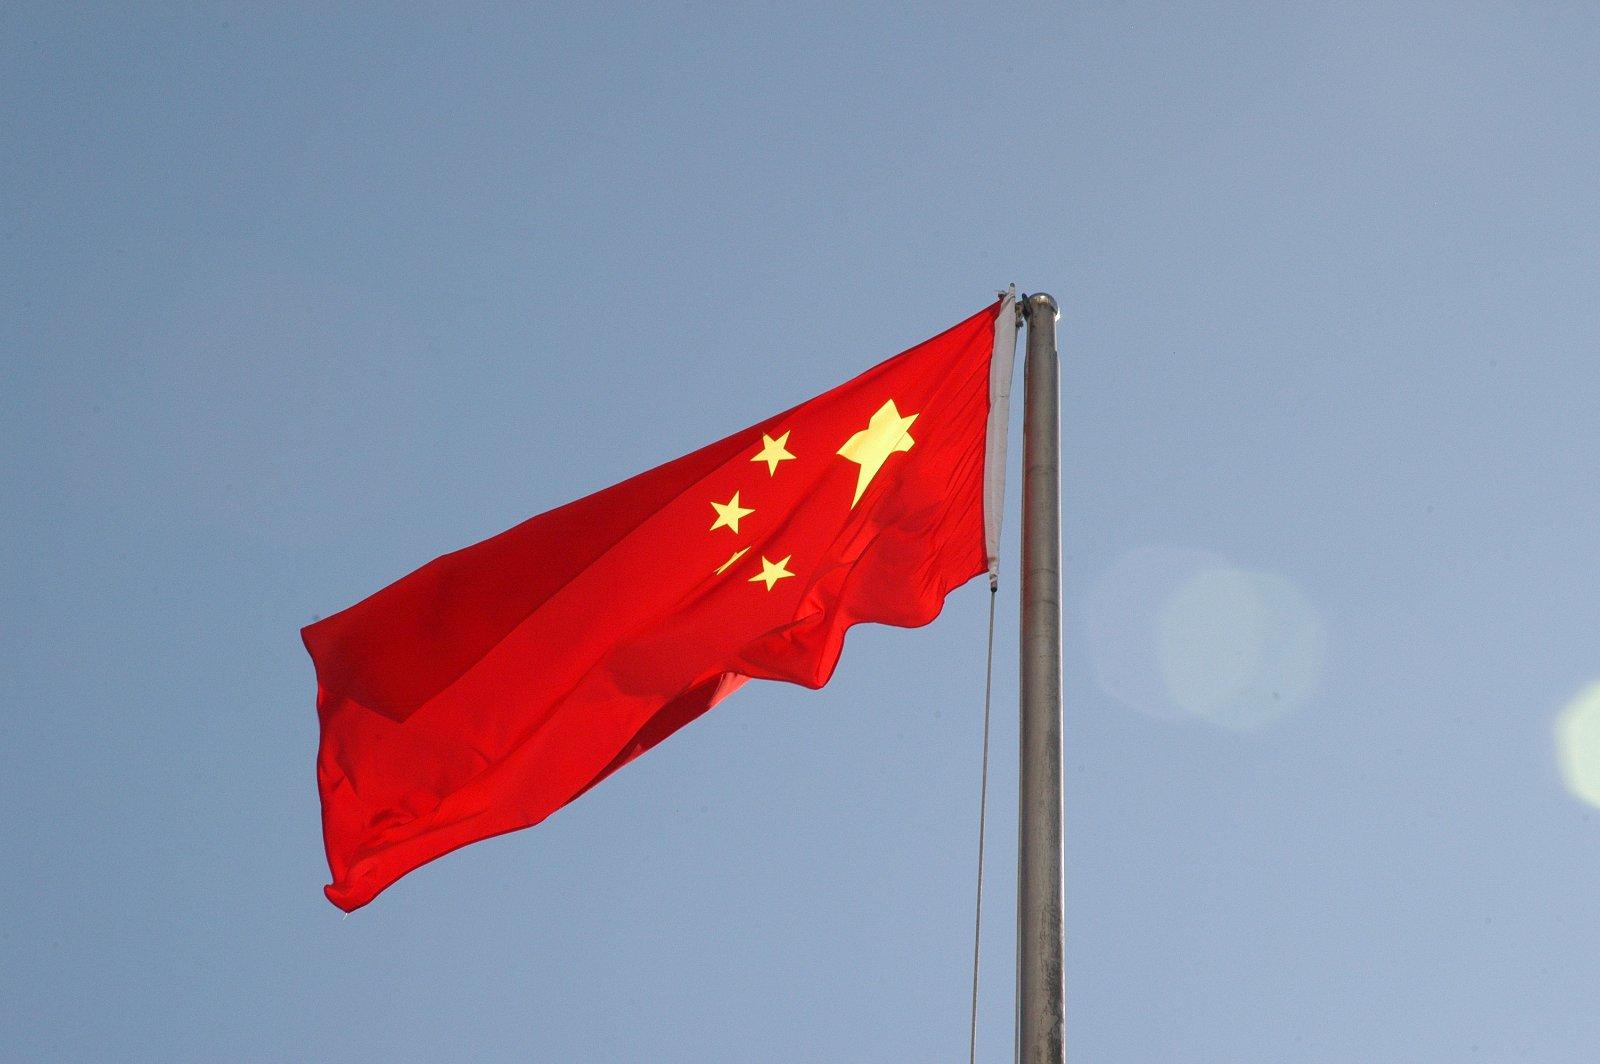 TikTok veut se défaire de son label de marque chinoise afin de rassurer les utilisateurs américains sur une ingérence de Pékin. Le réseau social espère aussi garantir son succès.